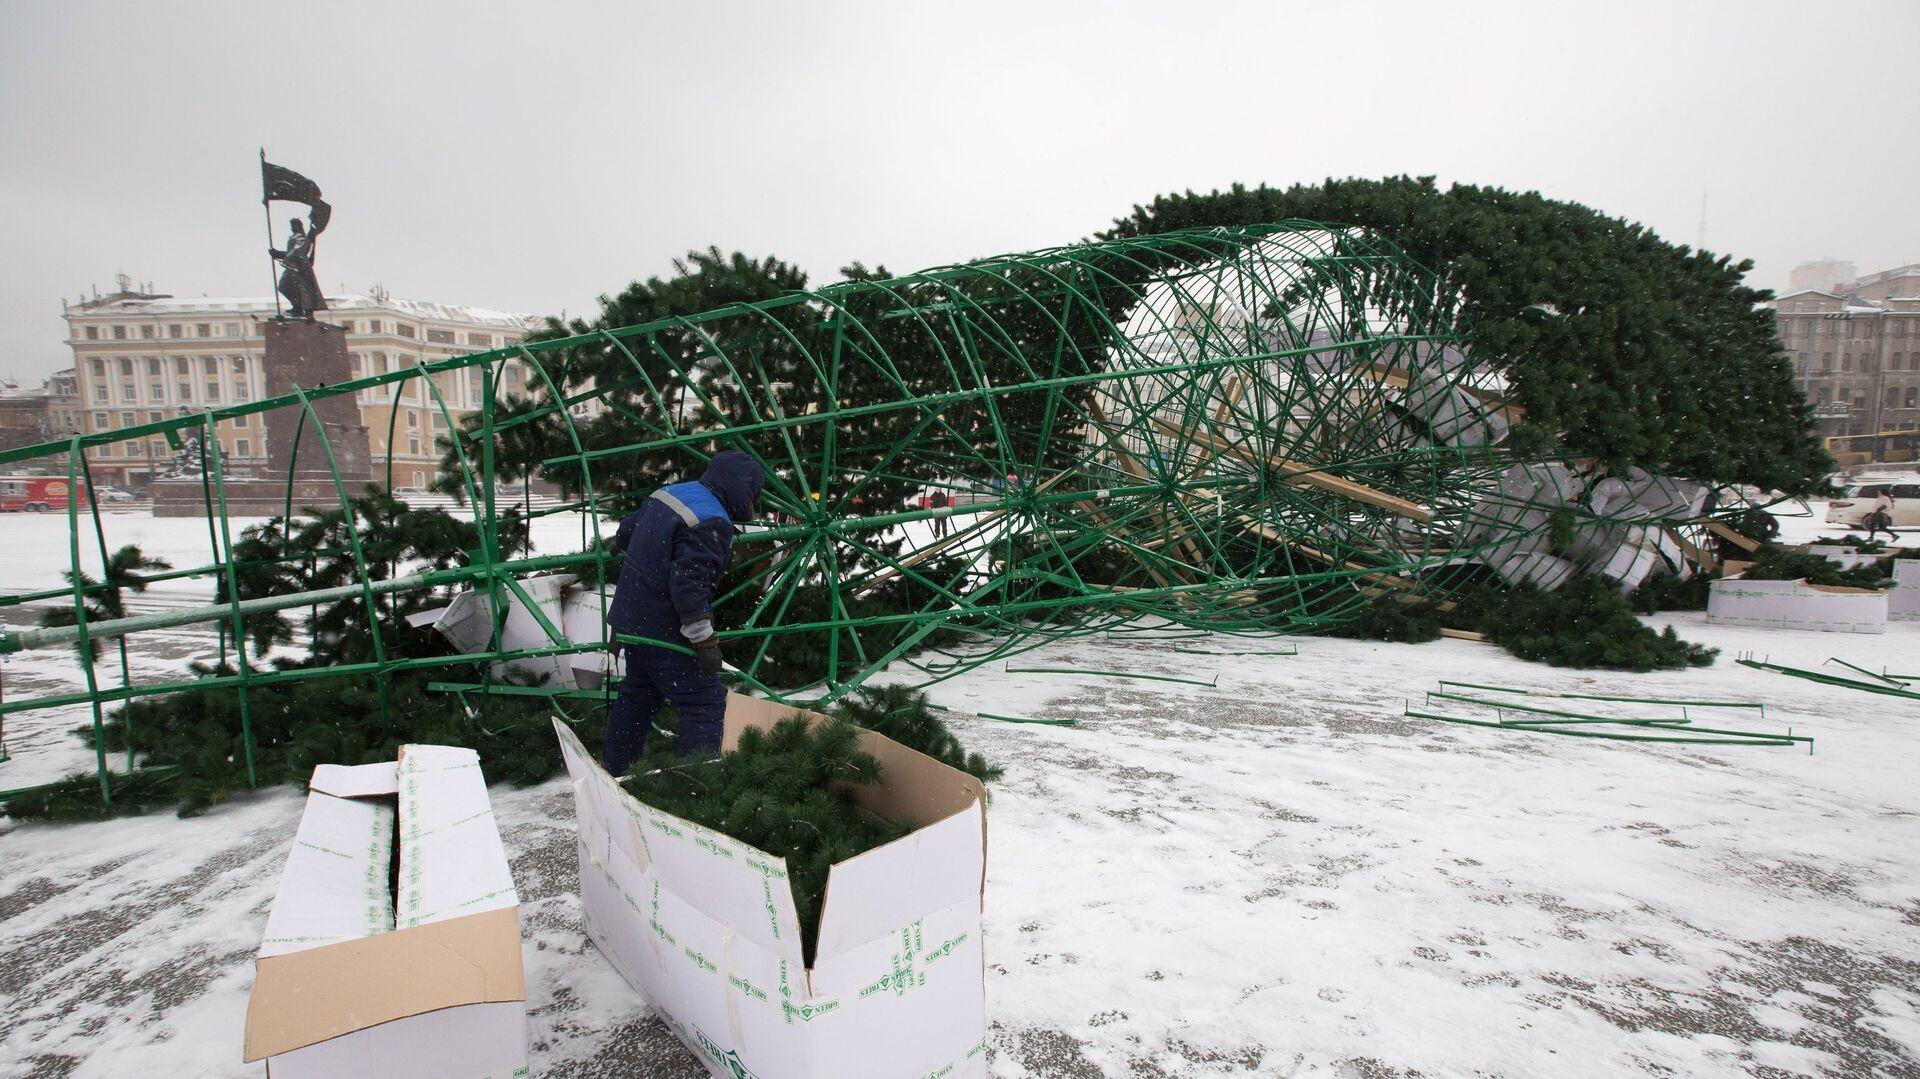 Во Владивостоке упала главная новогодняя елка - РИА Новости, 1920, 11.12.2020